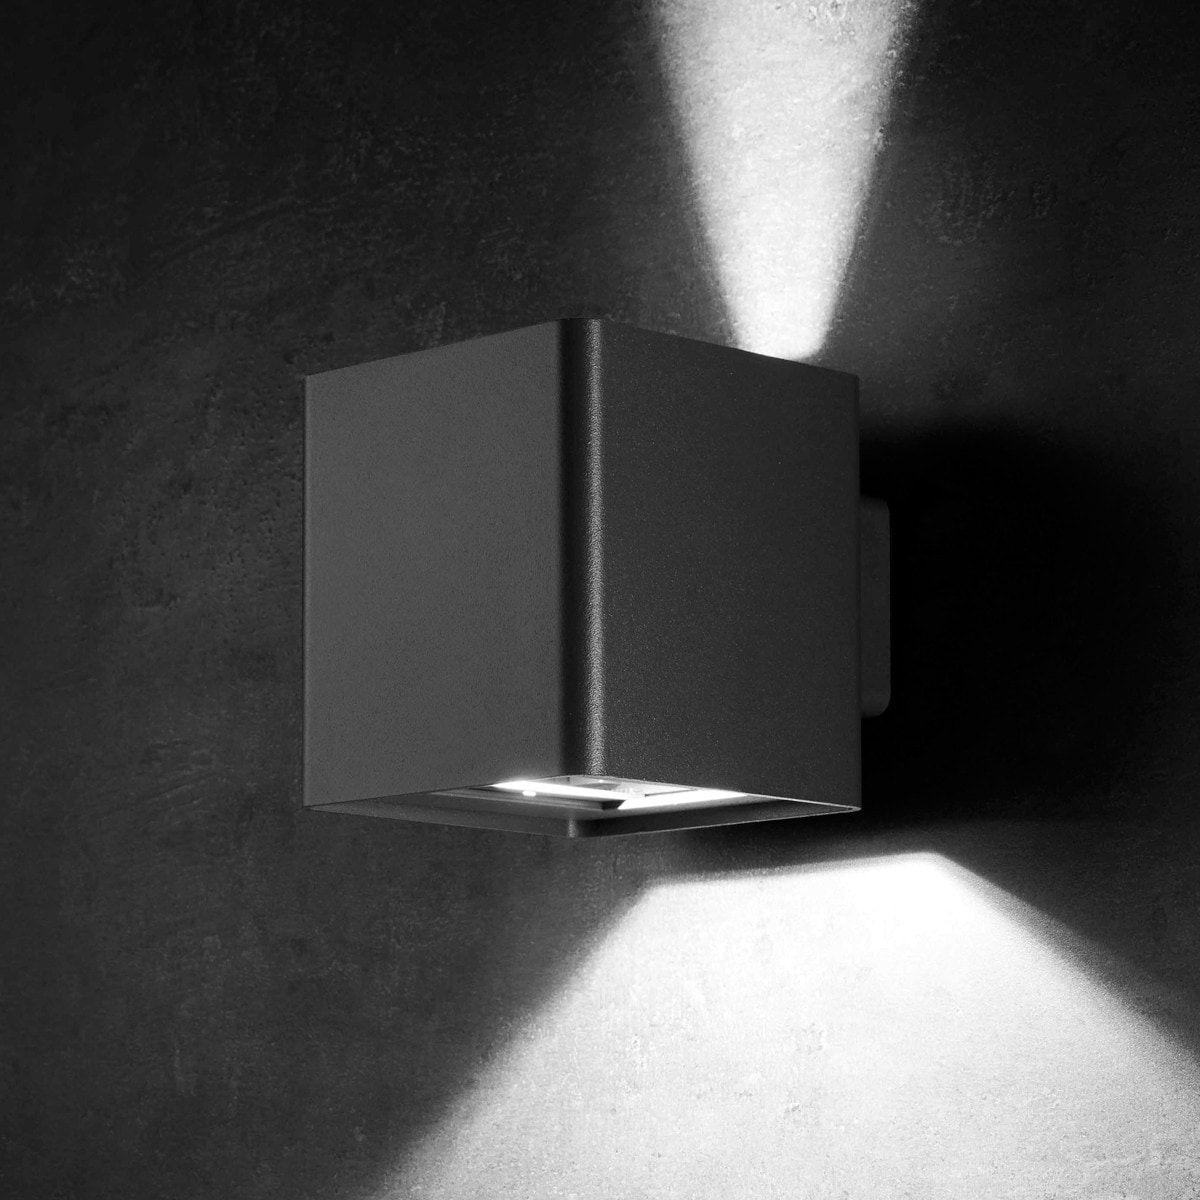 LED Lampen Anthrazit mit Bewegungssensor für Hauswand Außenbeleuchtung Wand